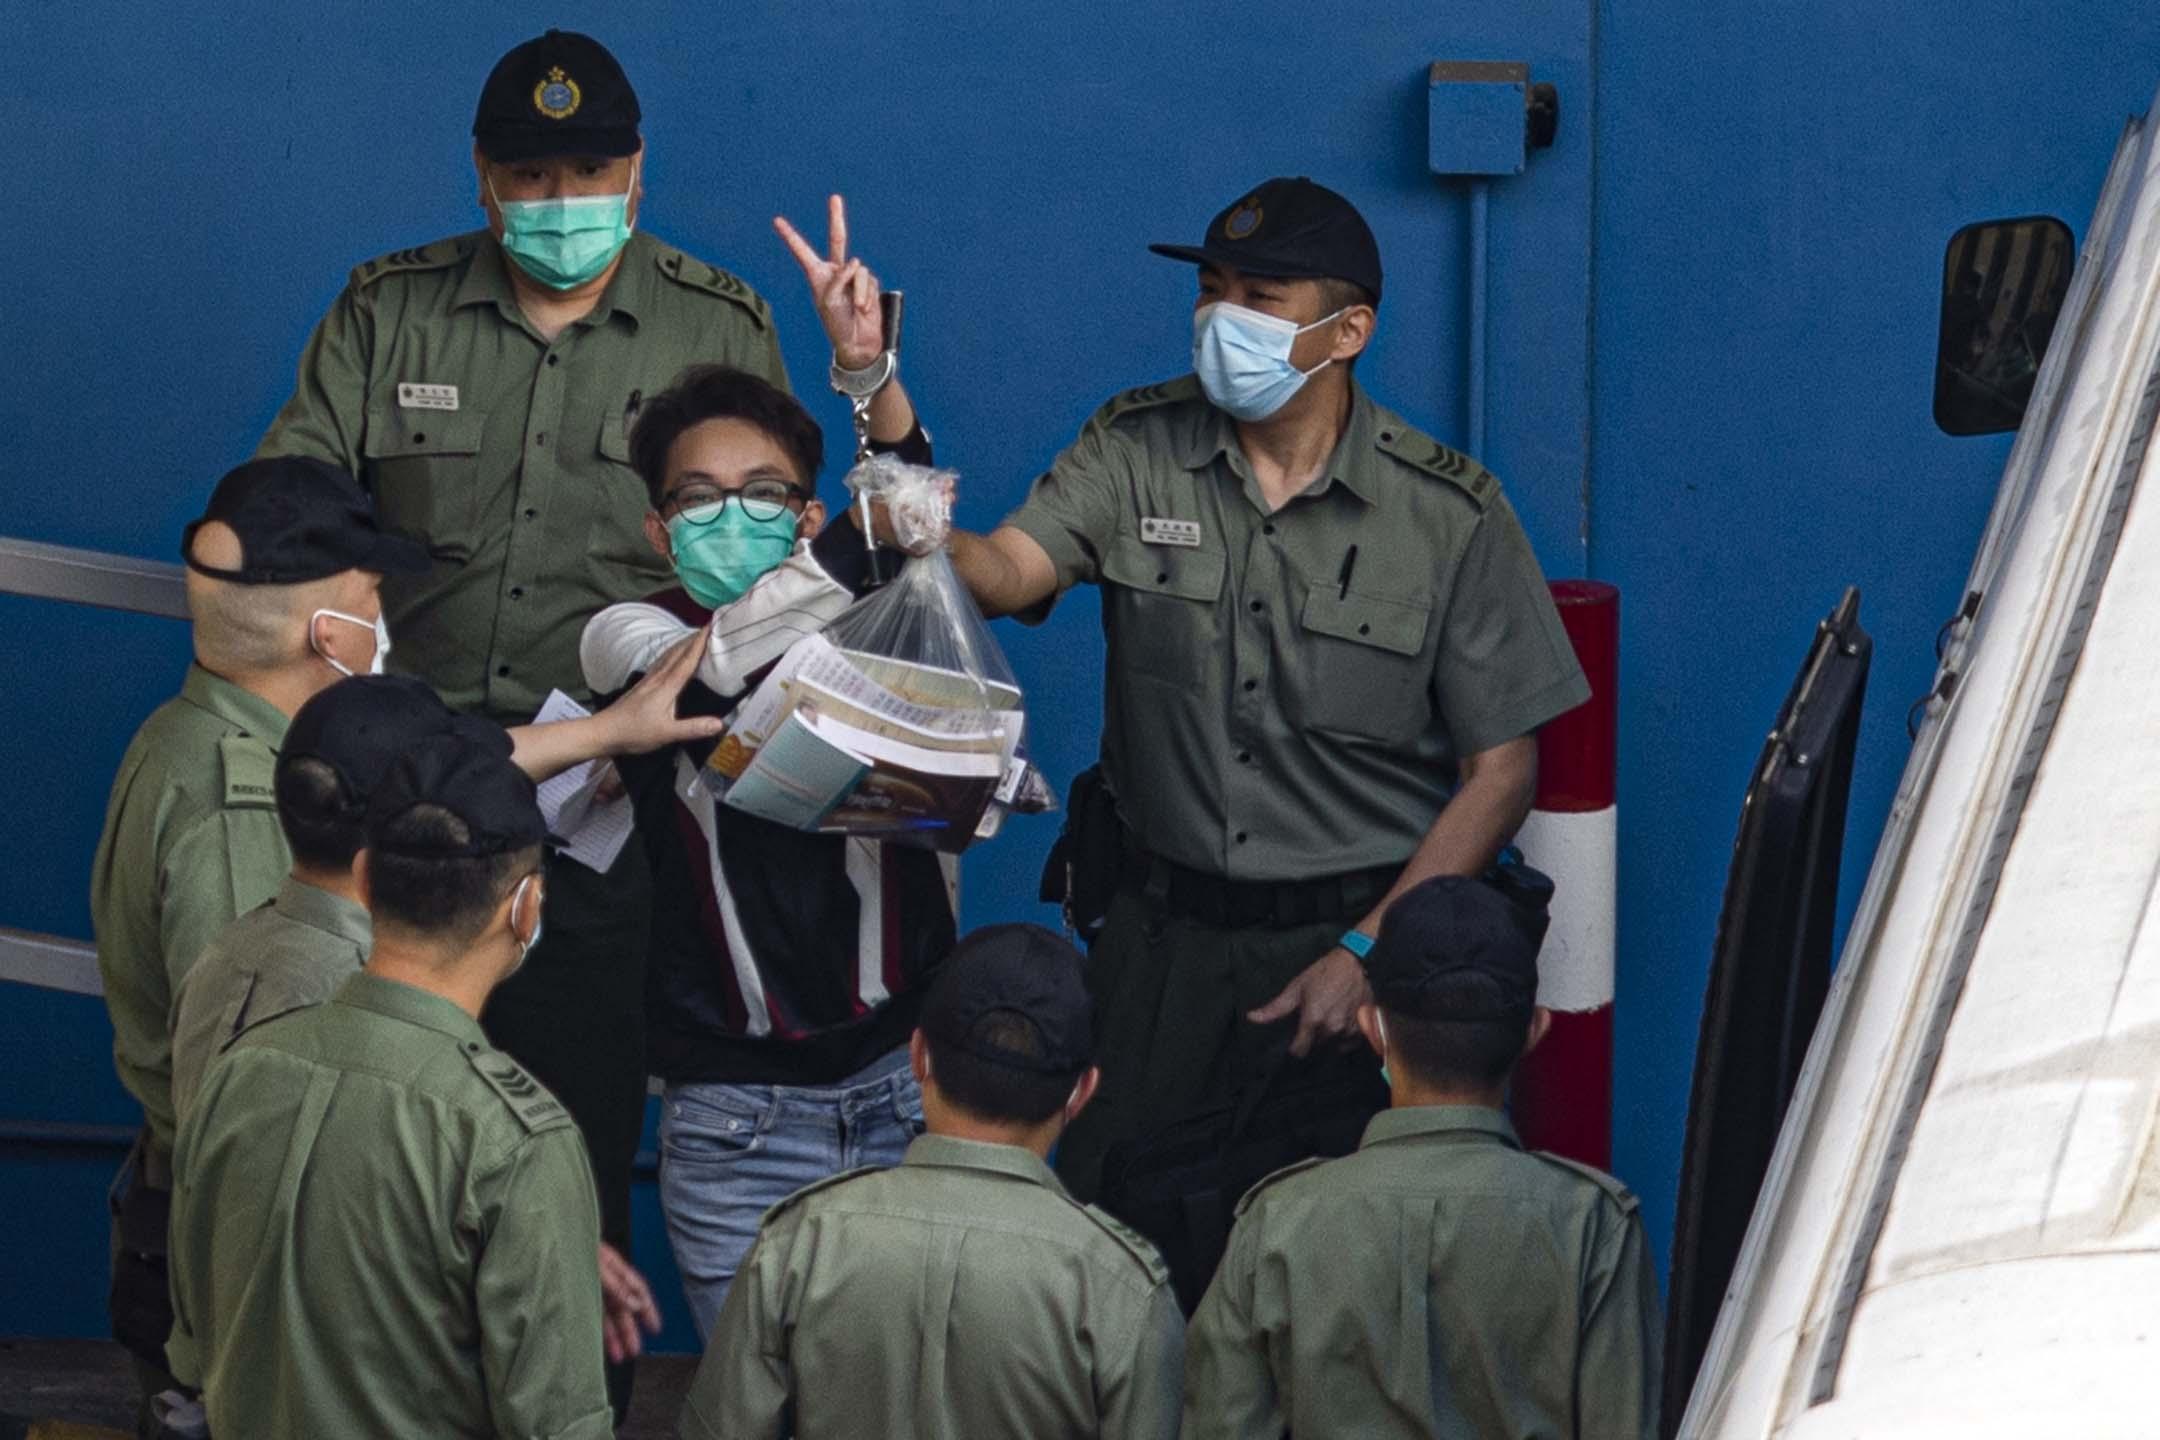 2021年5月28日荔枝角收押所,陳皓桓登上囚車押往法院。 攝:陳焯煇/端傳媒